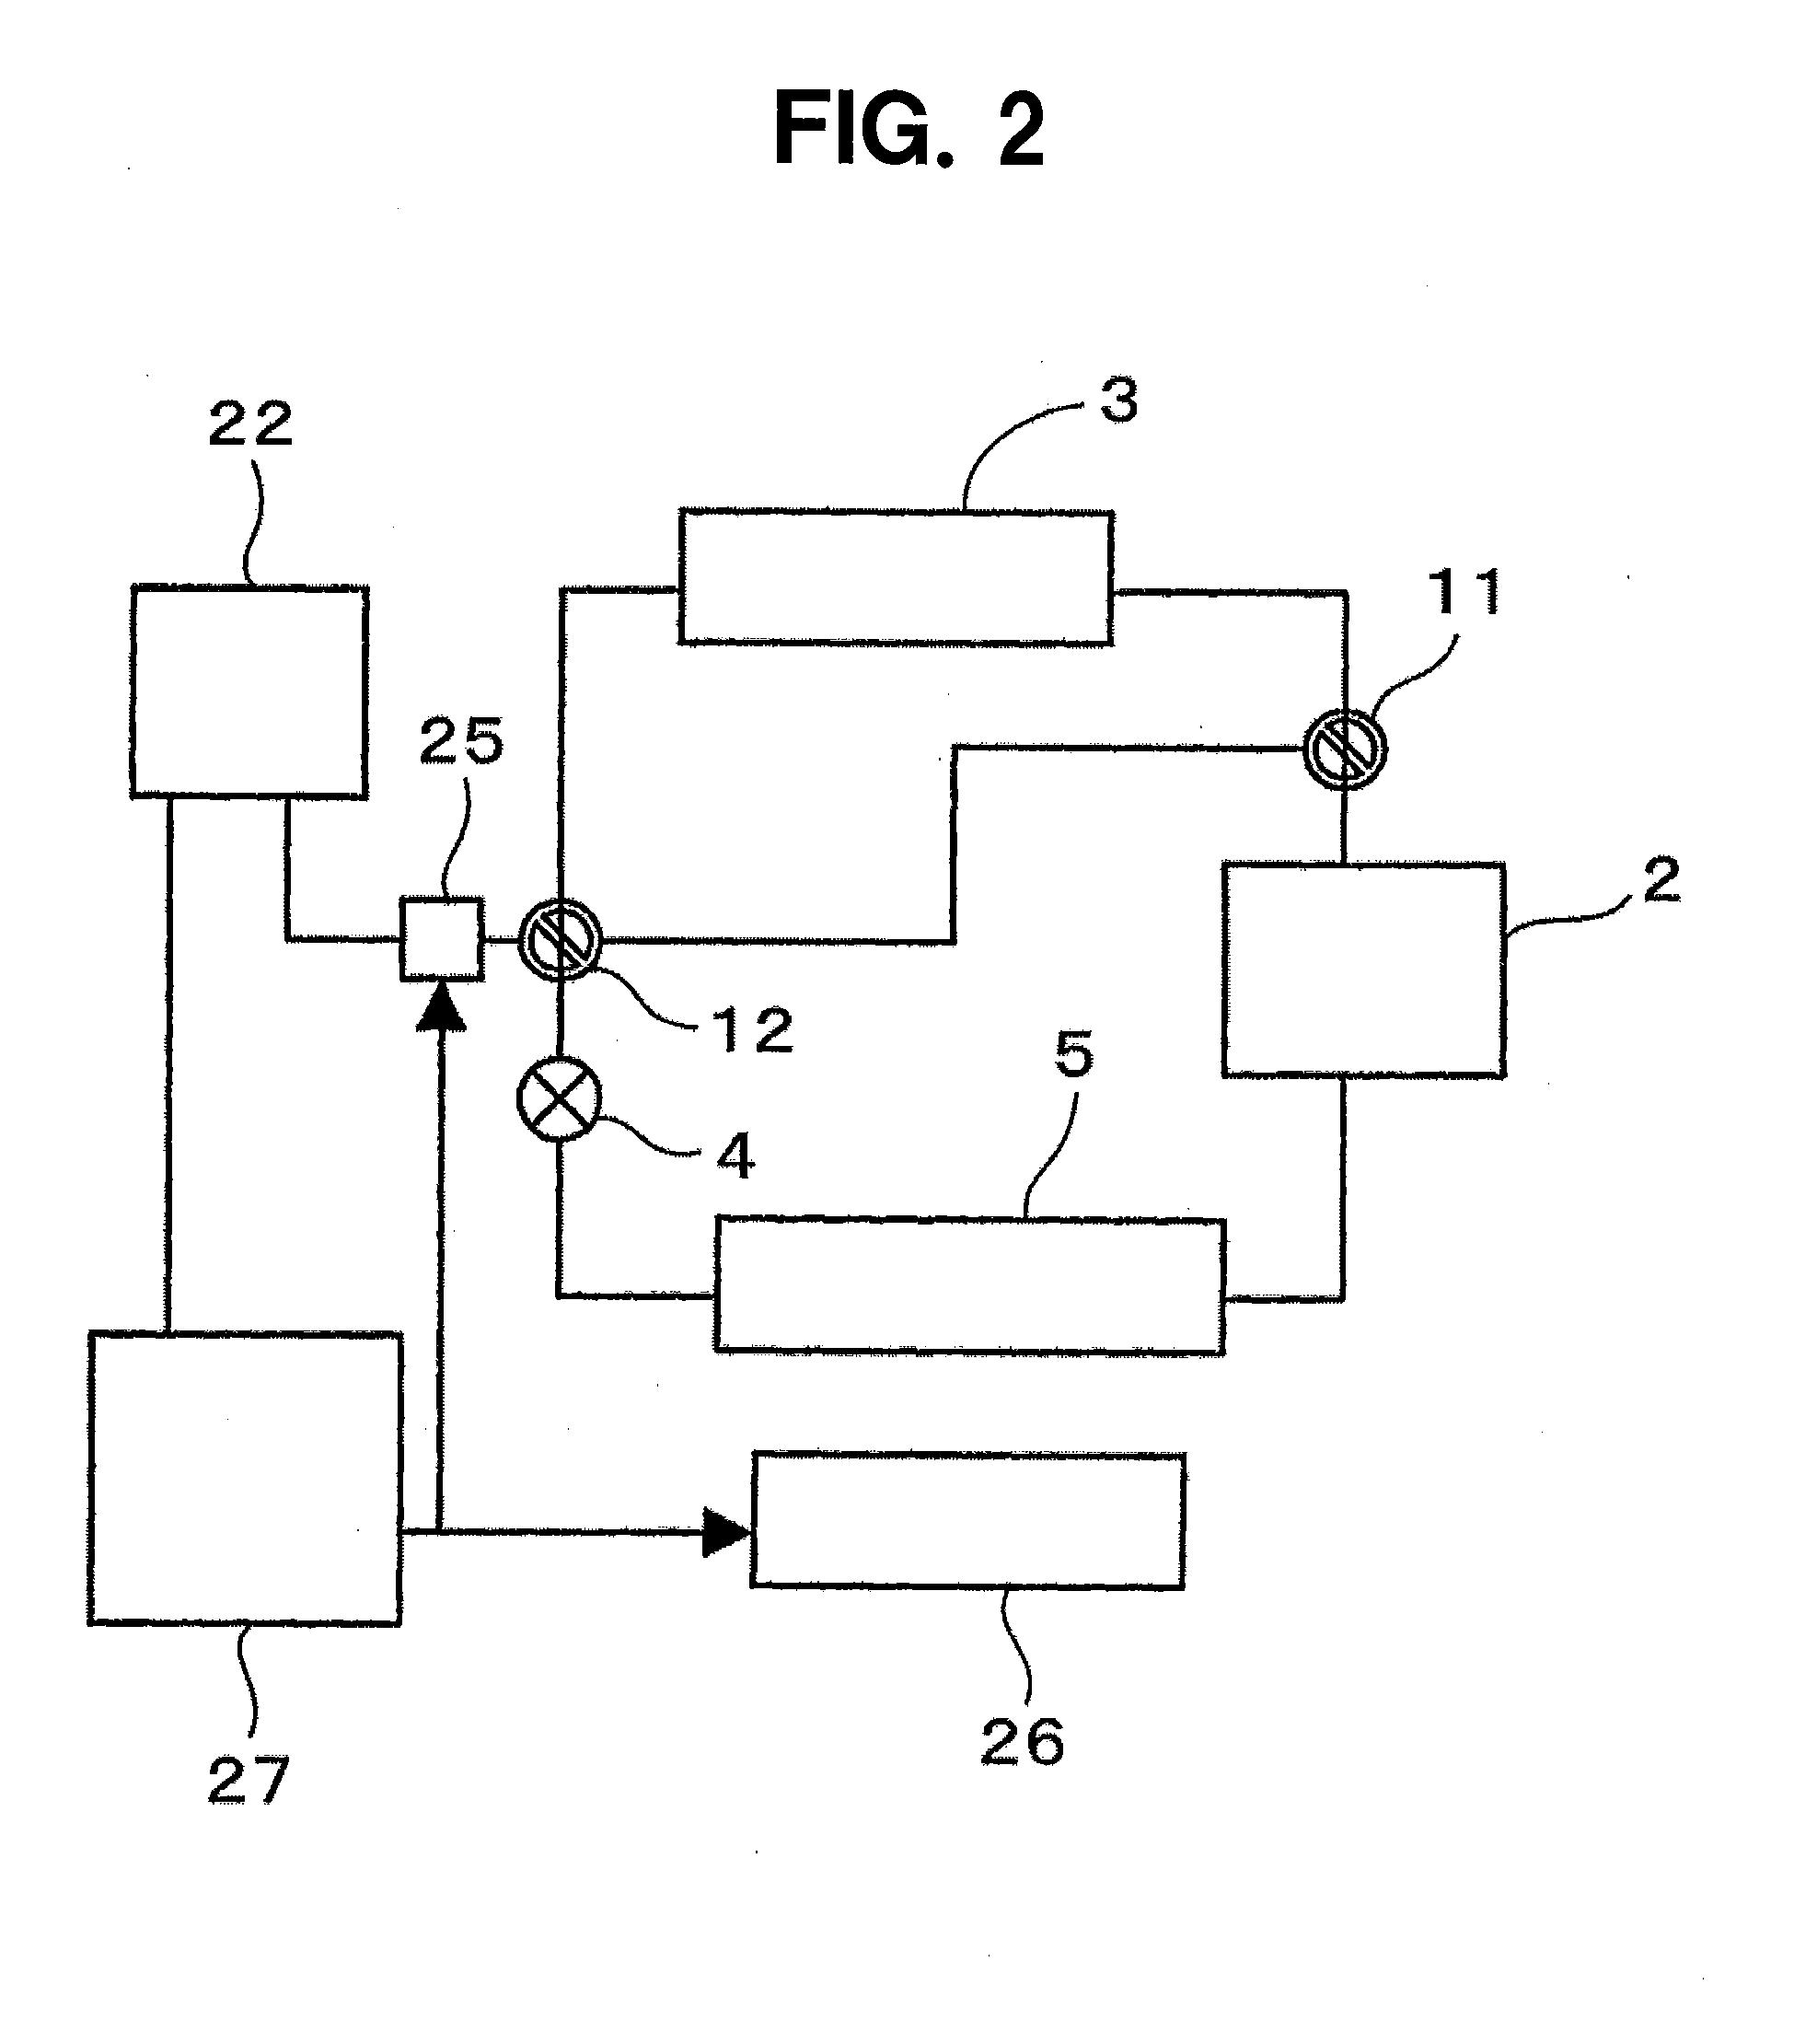 Ladder Schematic Of Refrigeration System